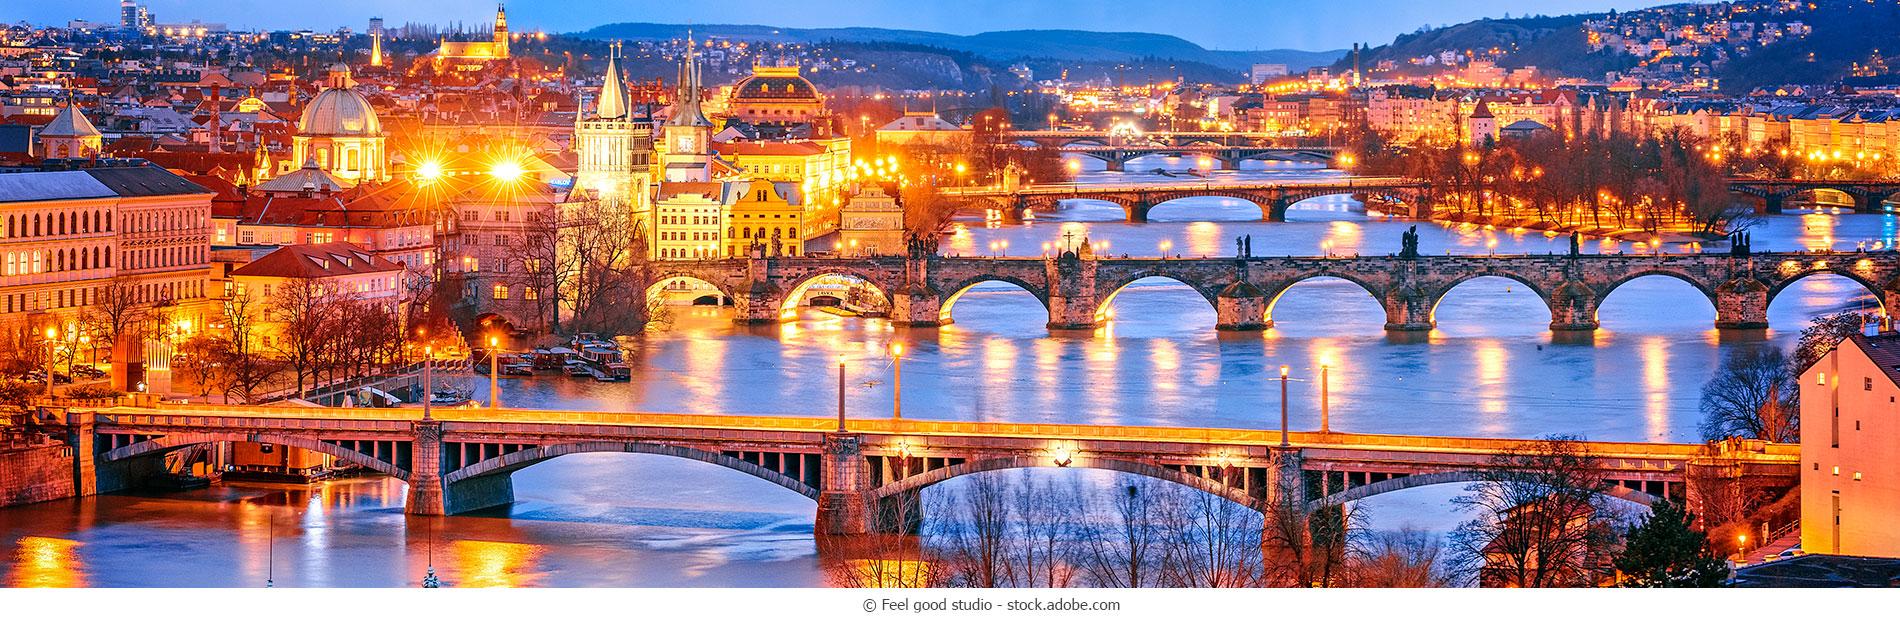 Prag_175387908_webC